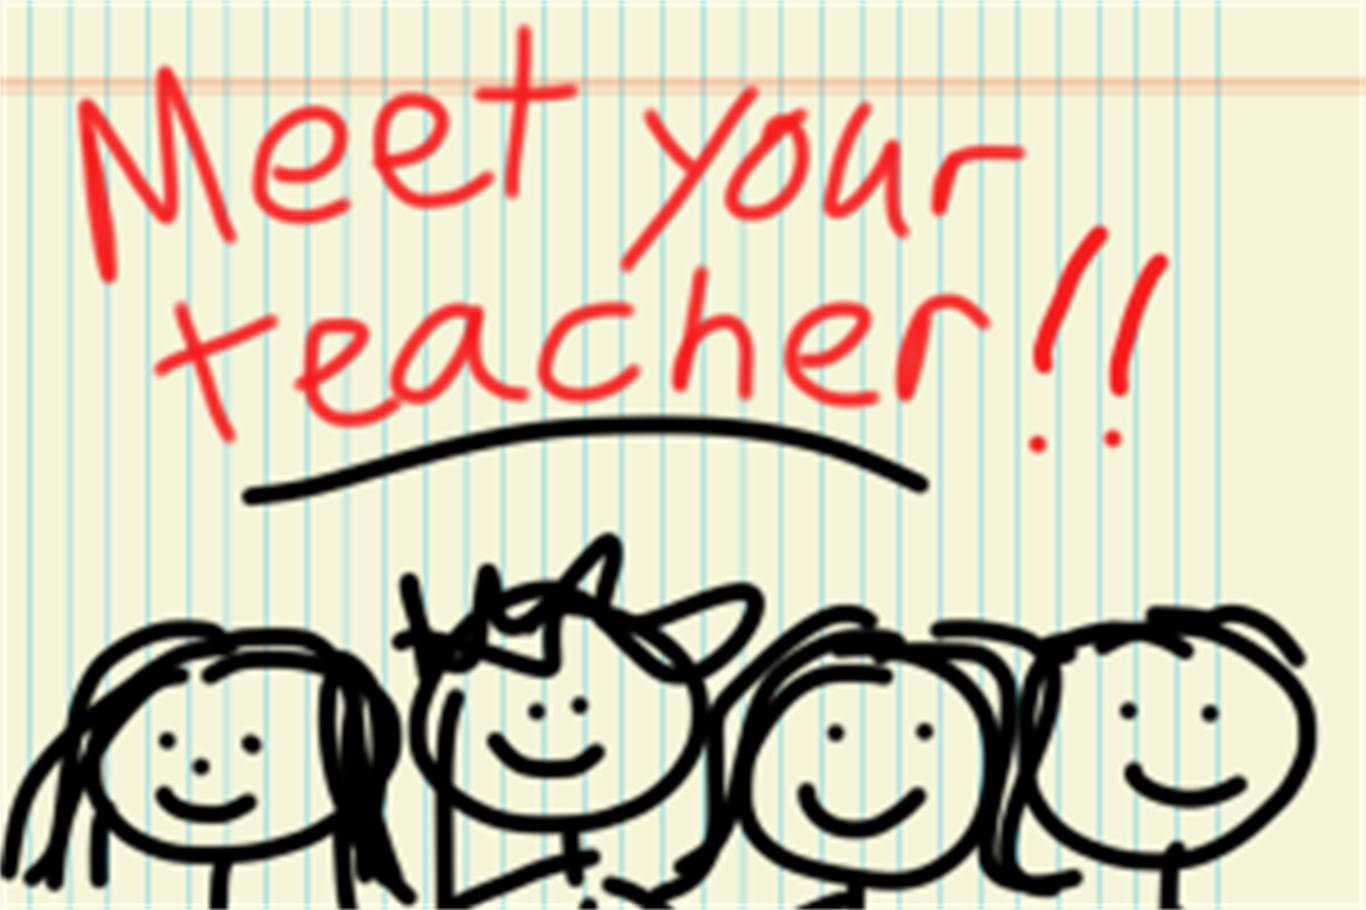 Meet your teacher clipart clip art transparent download Meet the Teacher - Curlew Creek Elementary PTA clip art transparent download